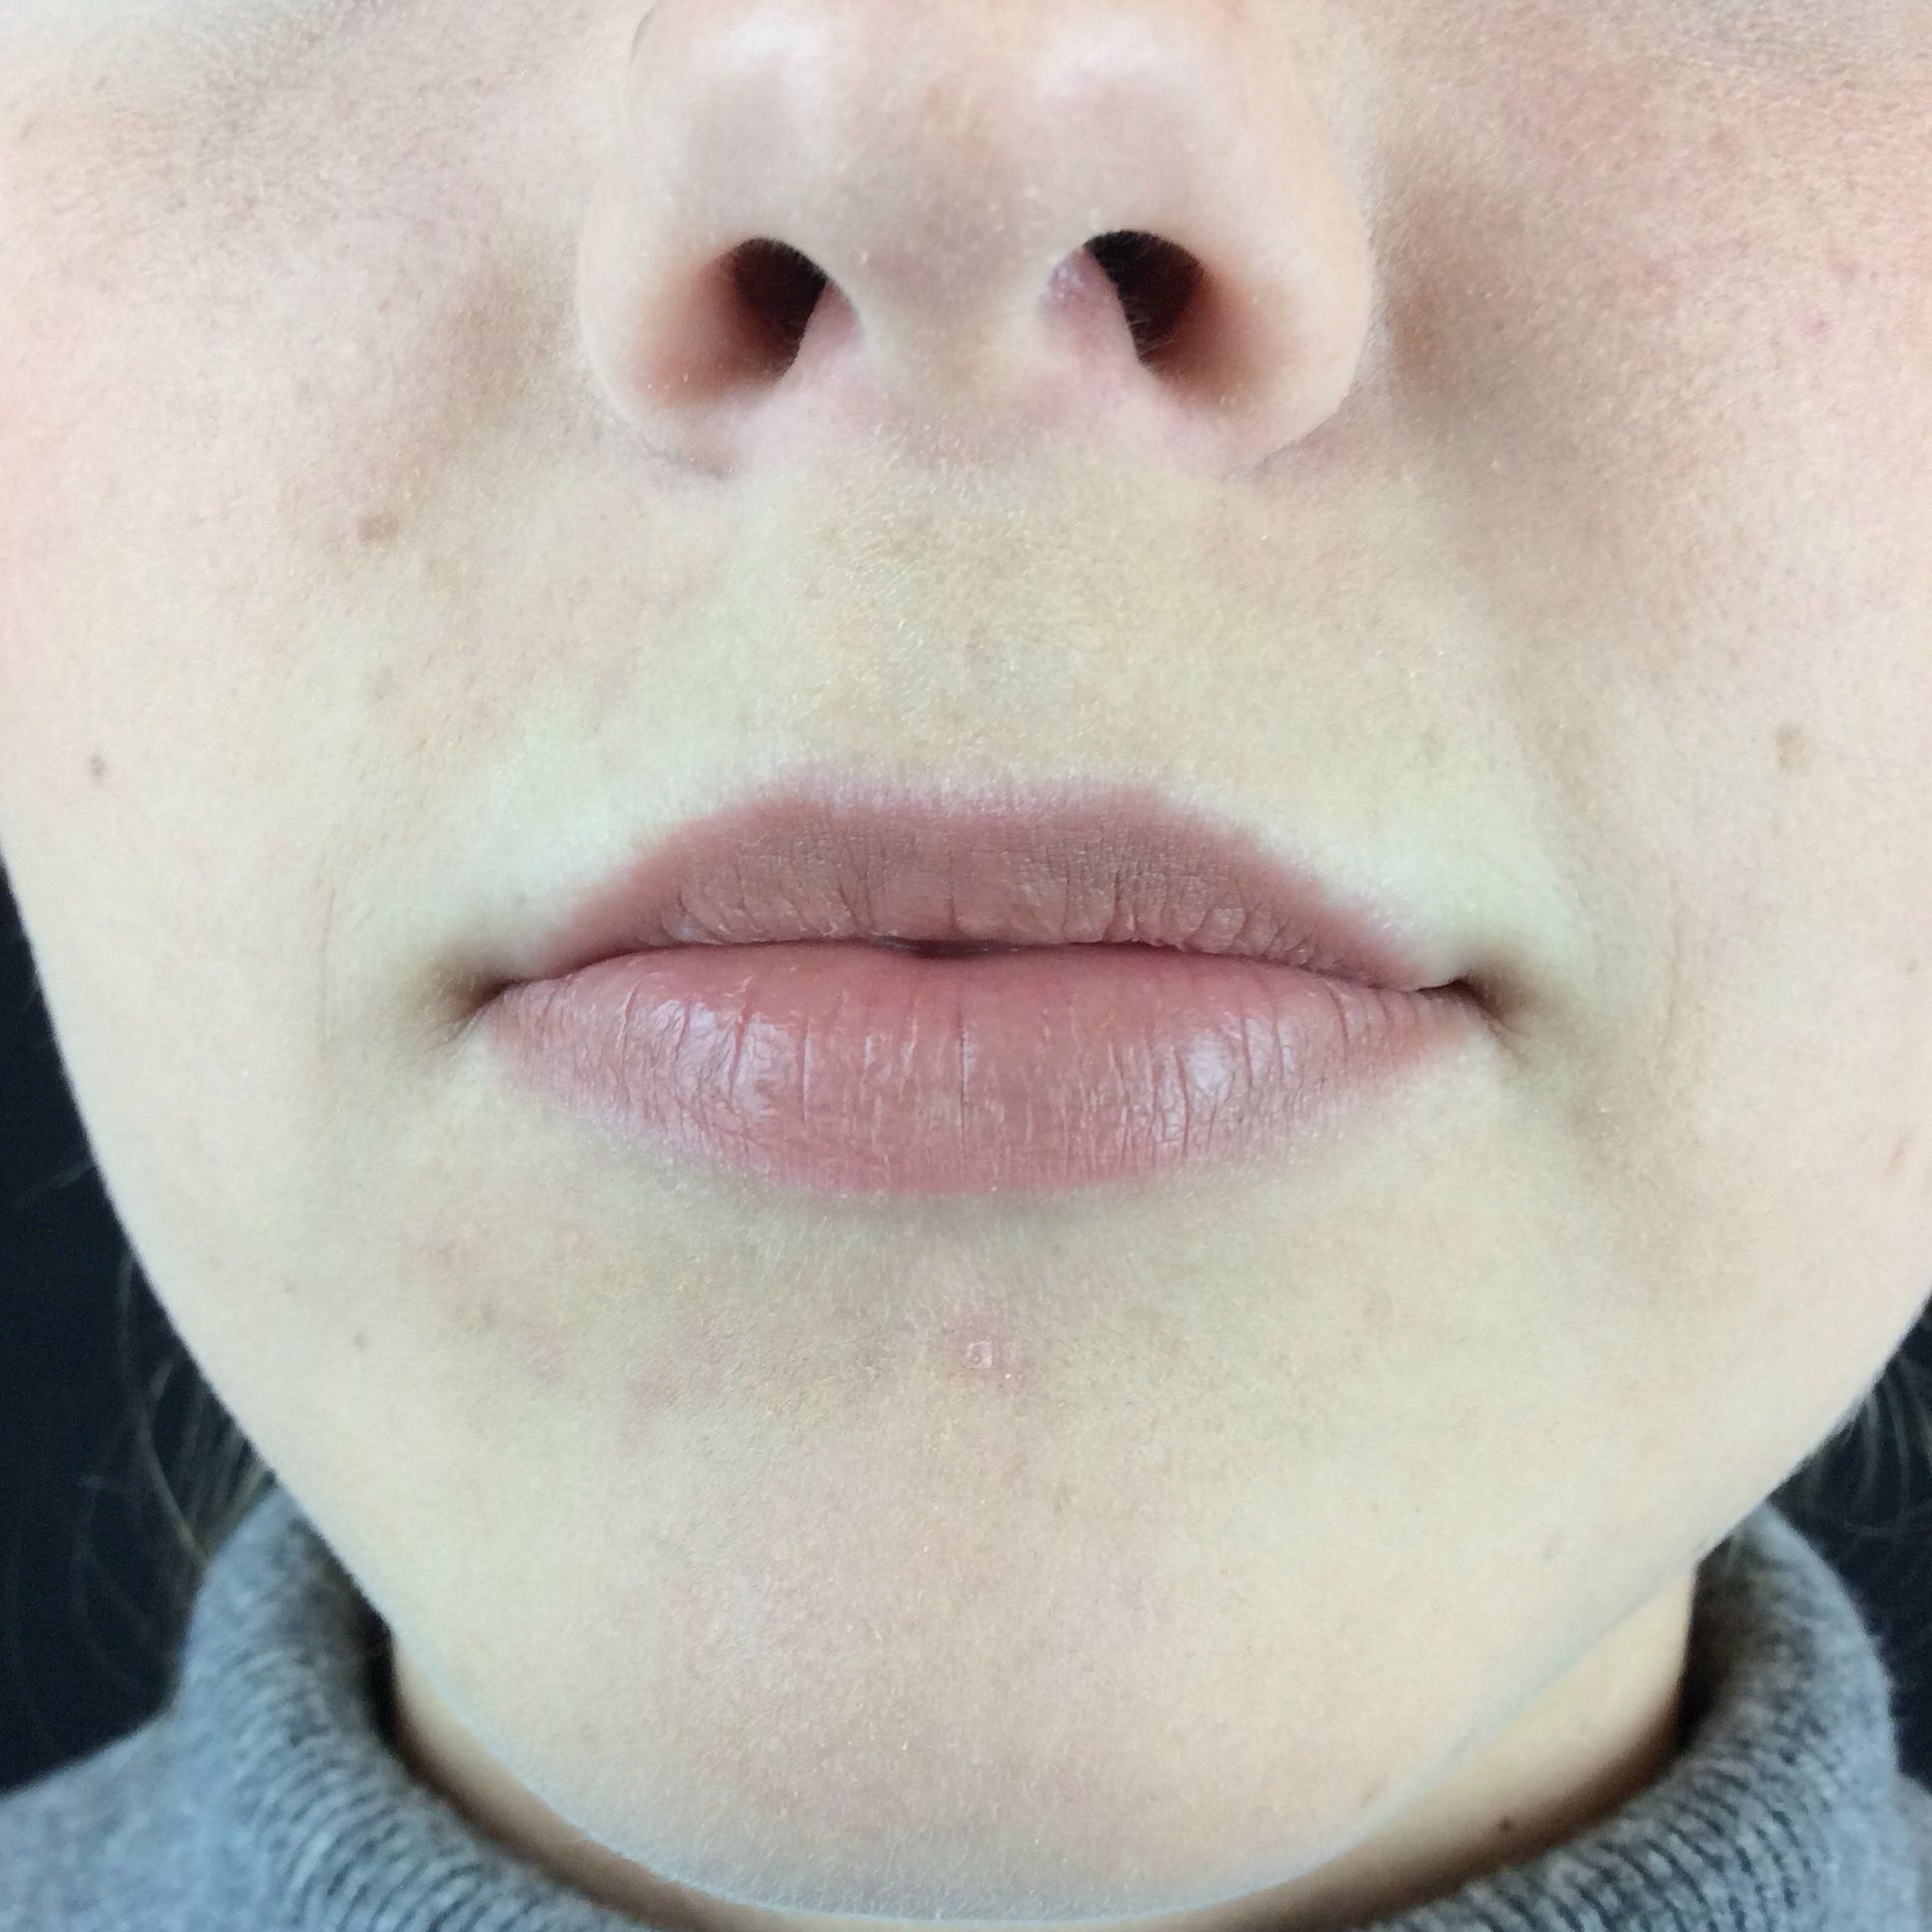 Jag valde att göra nude läppar som går åt det bruna hållet. Anledningen till det är för att jag ville att fokuset skulle vara på ögonen. Emma har normala till små läppar vilket jag inte framhävde och jag korrigerade inte dom. Jag ser nu efteråt att vissa delar av läppen inte är ifyllda vilket jag inte såg i verkligheten.